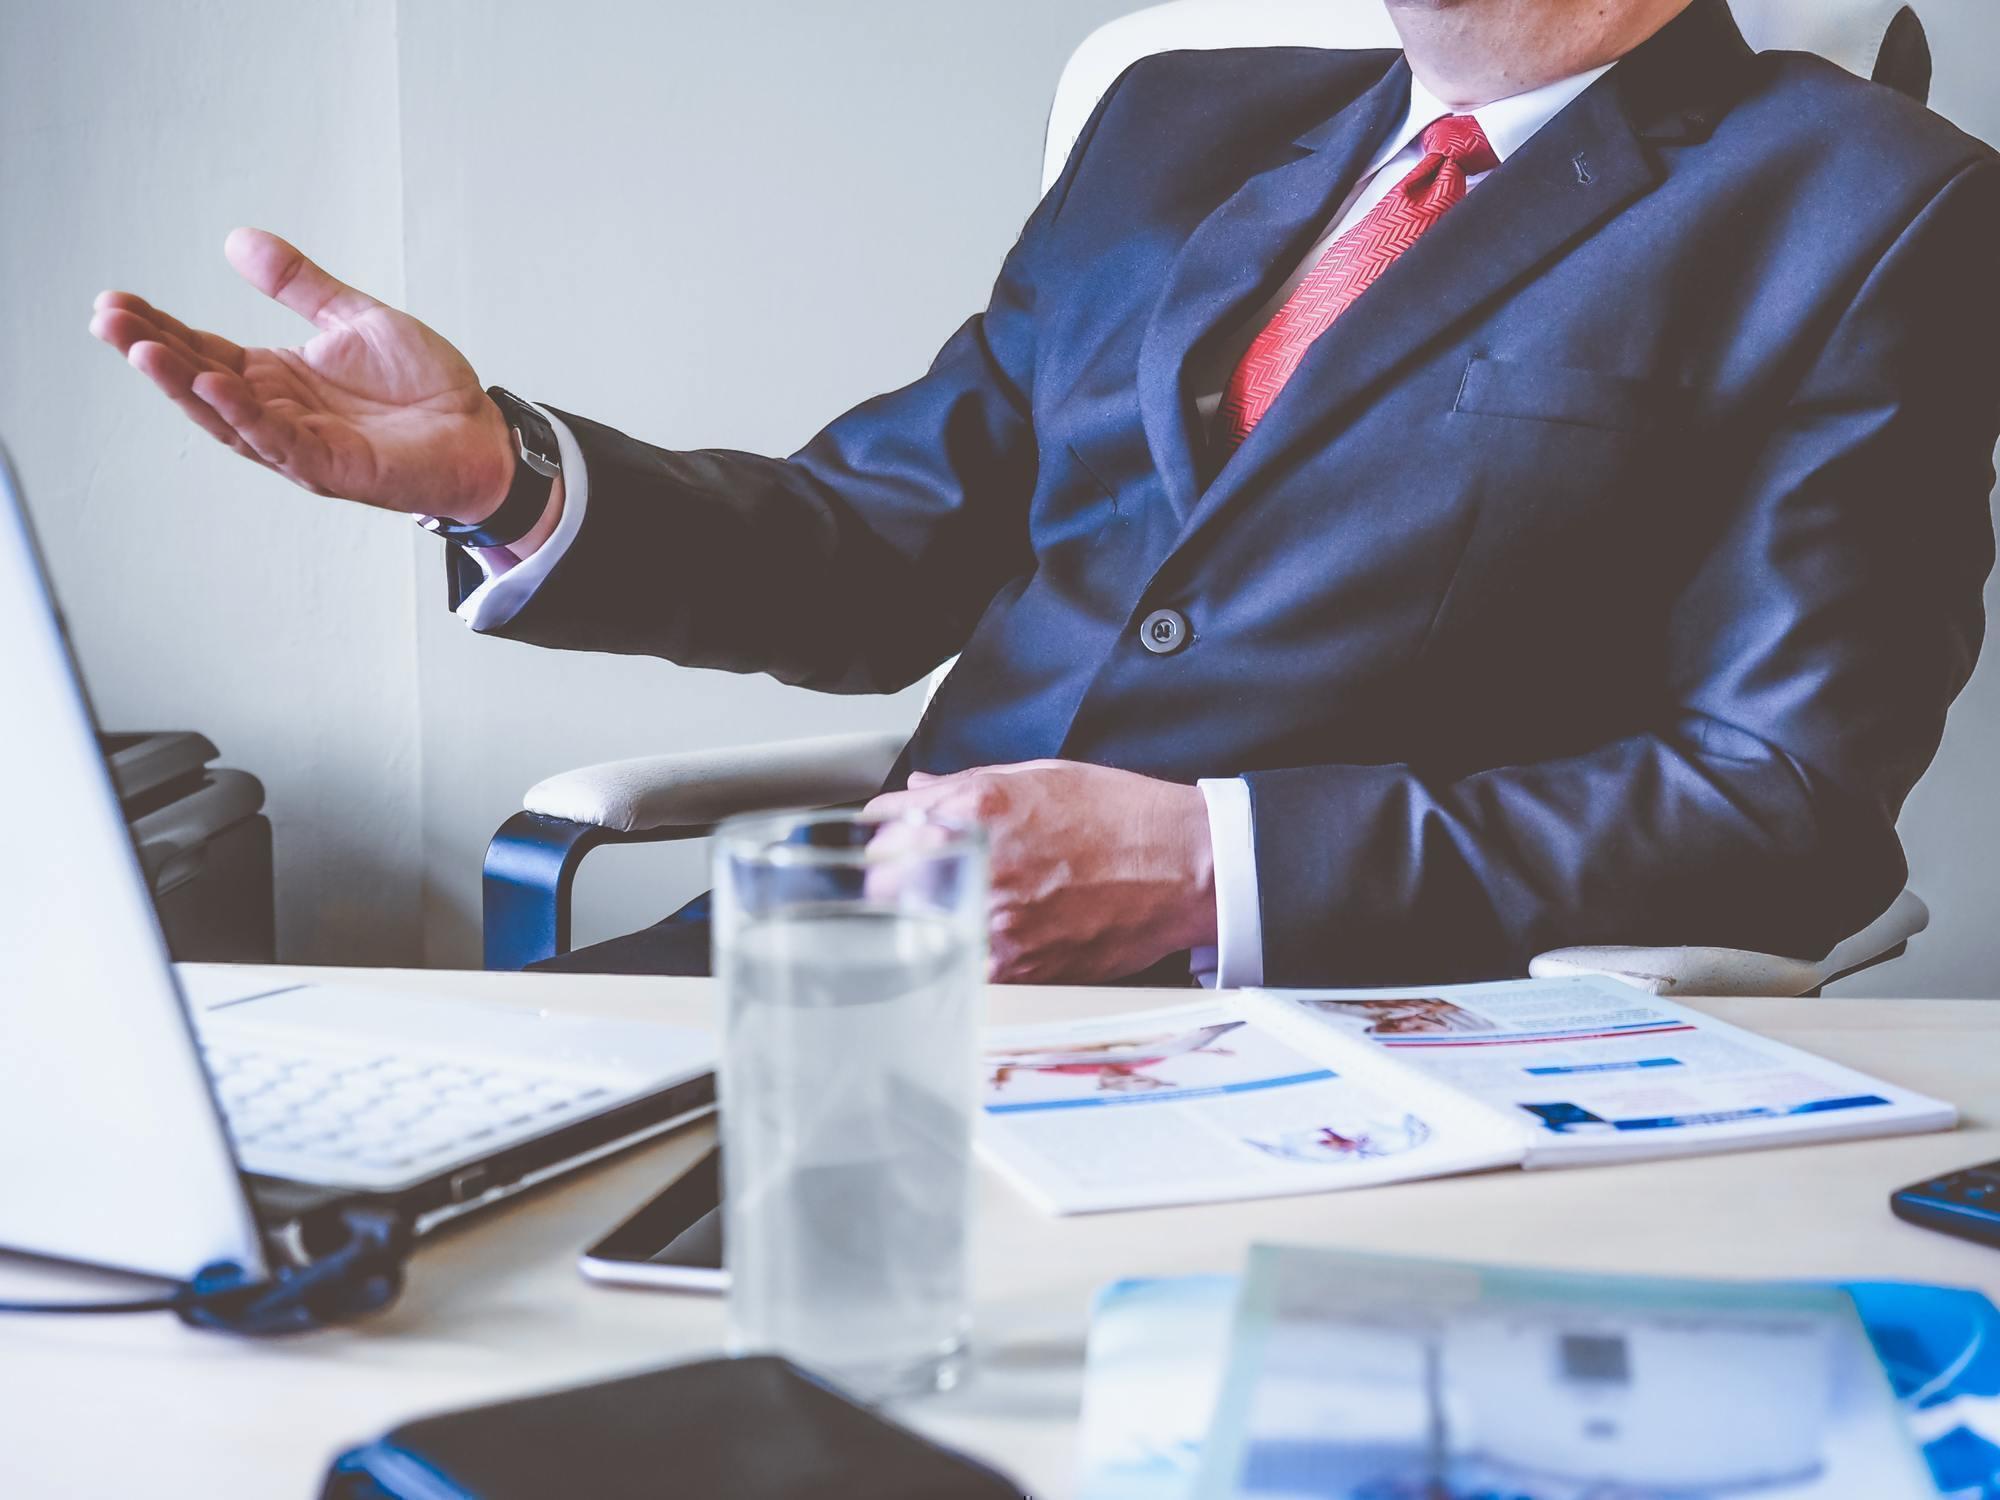 a man wearing a suit talks across a desk